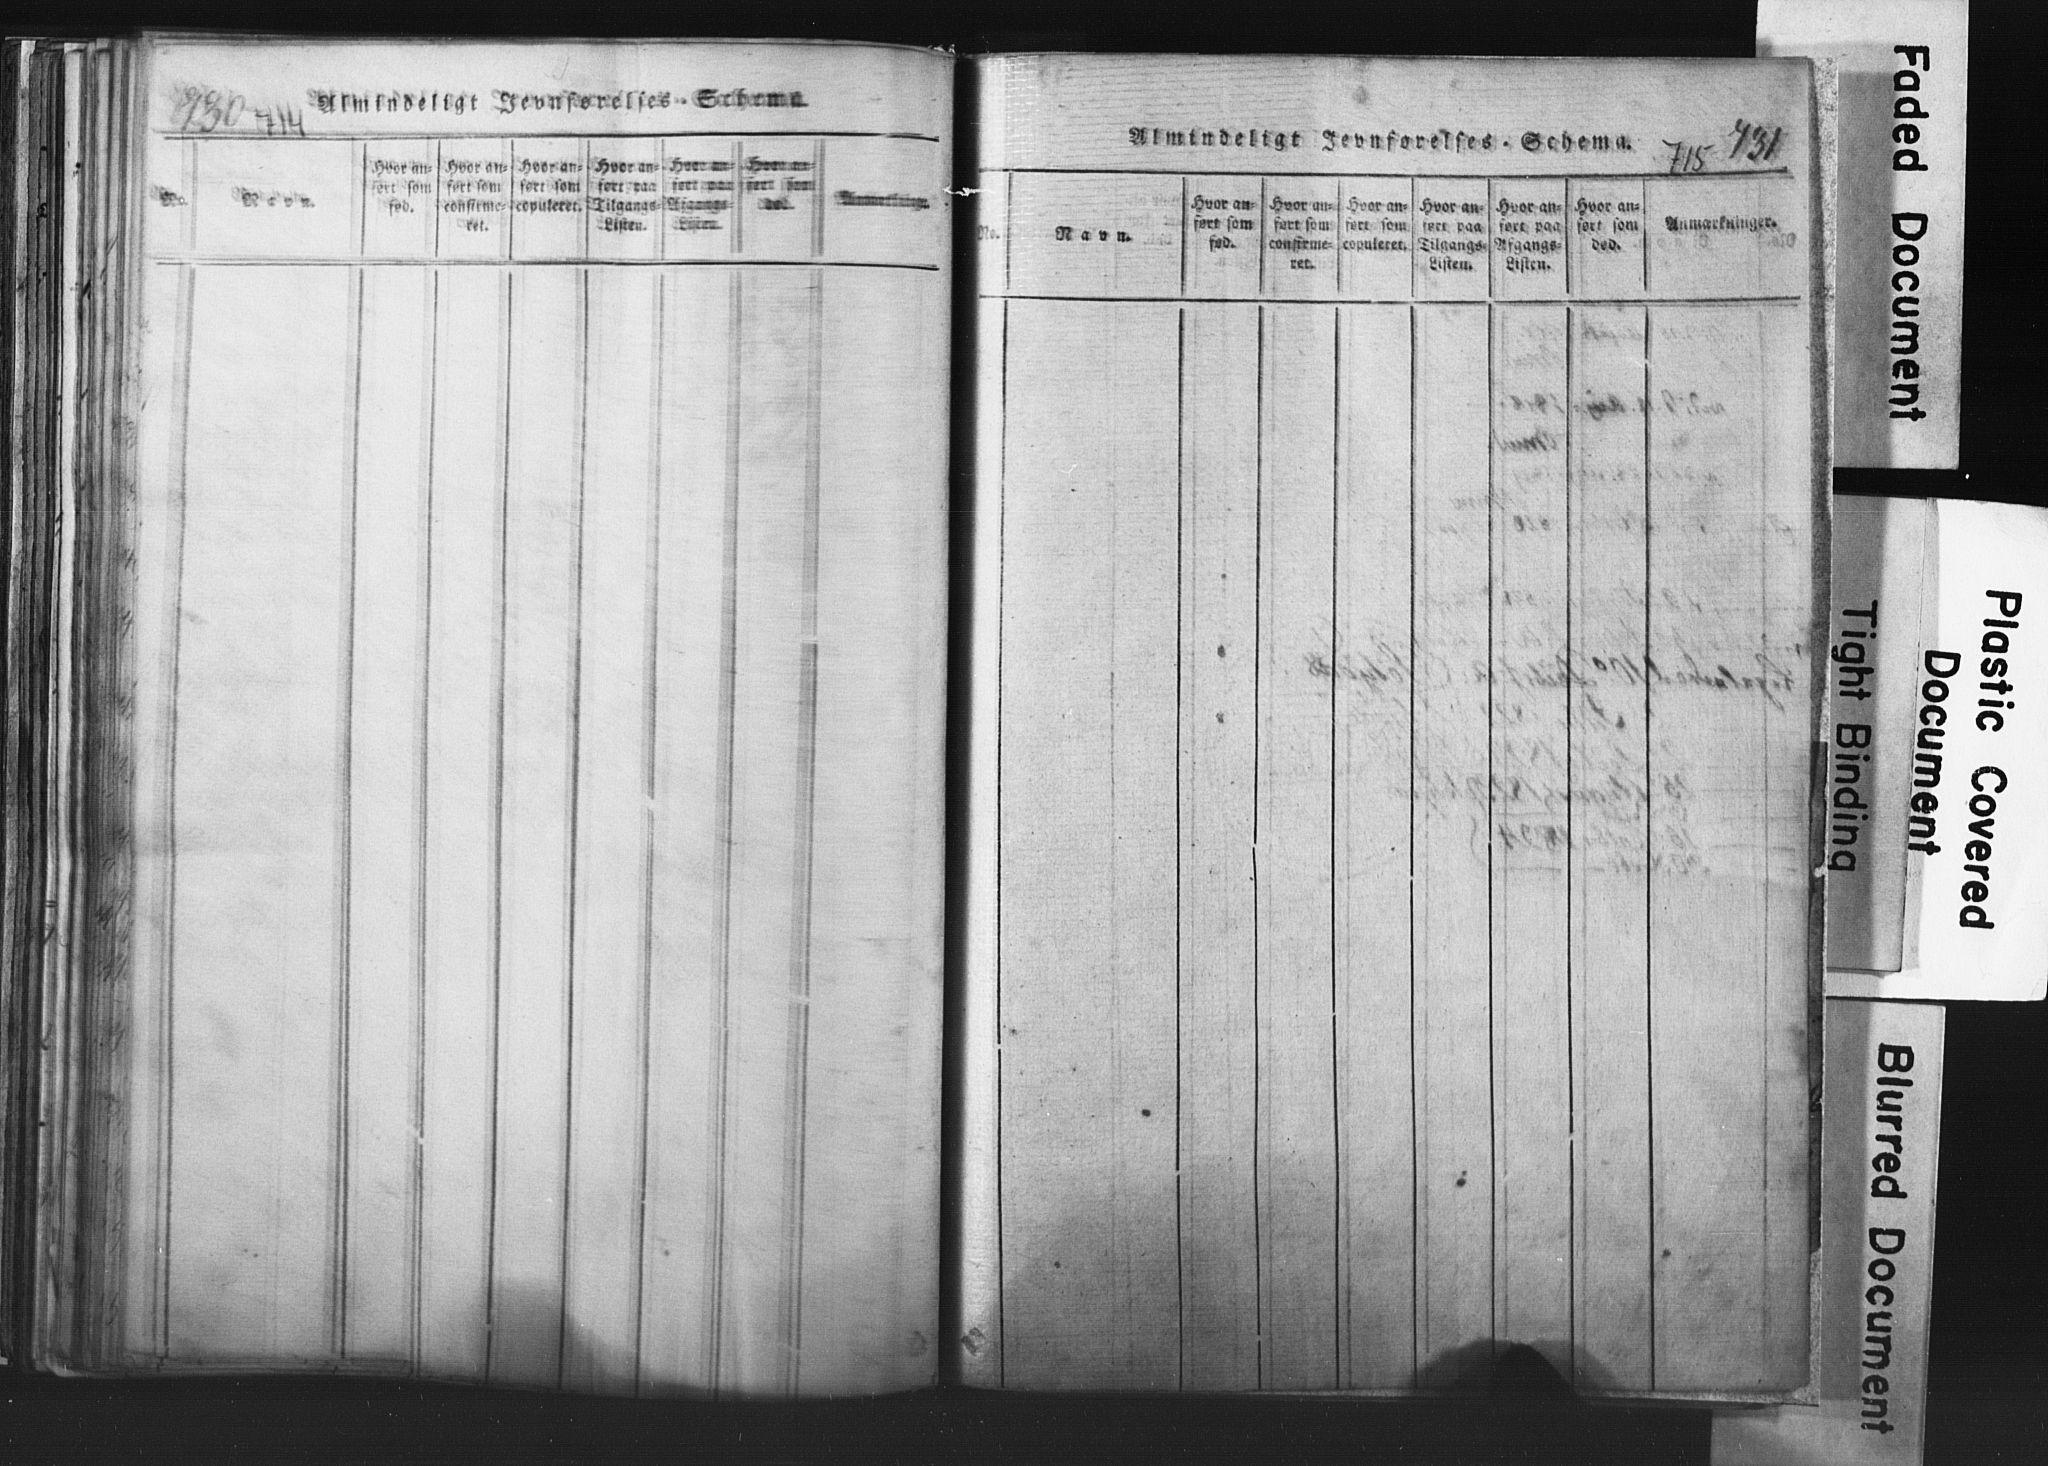 SAT, Ministerialprotokoller, klokkerbøker og fødselsregistre - Nord-Trøndelag, 701/L0017: Klokkerbok nr. 701C01, 1817-1825, s. 714-715